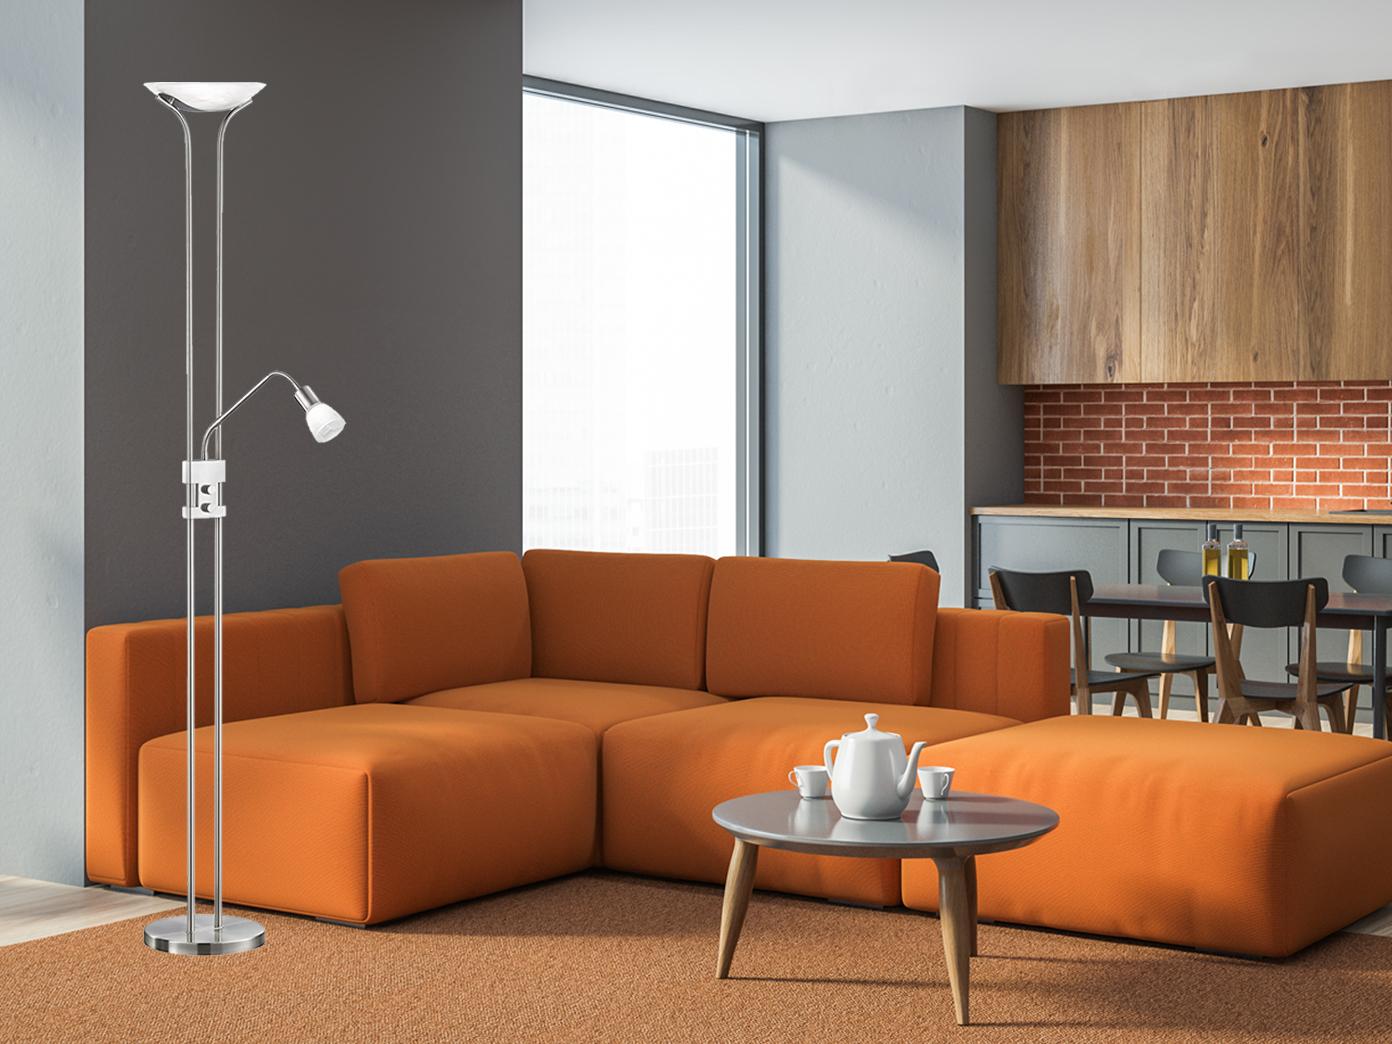 osram led mehr als 100 angebote fotos preise. Black Bedroom Furniture Sets. Home Design Ideas